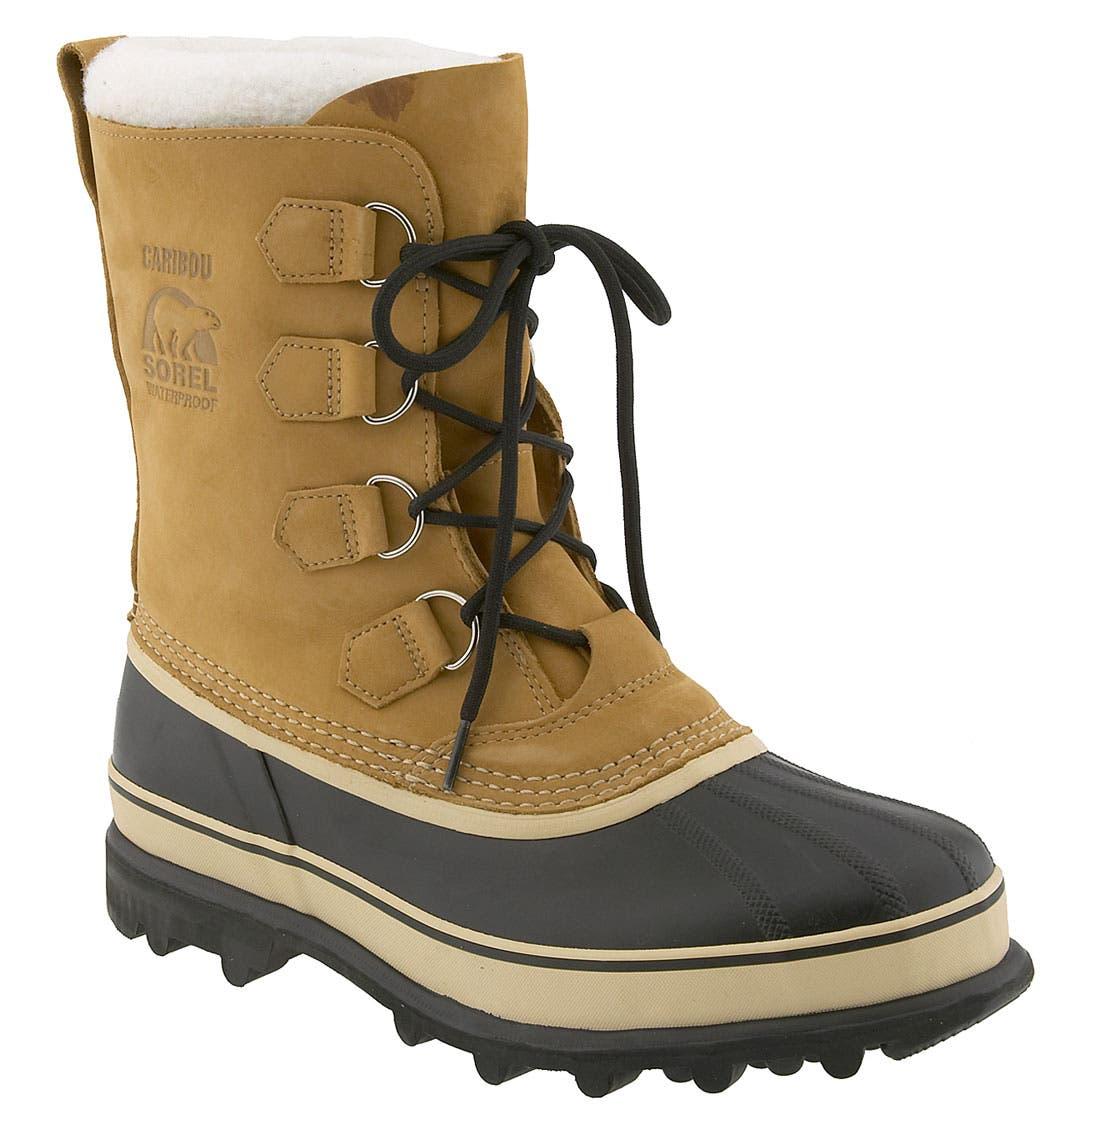 Alternate Image 1 Selected - SOREL 'Caribou' Boot (Men)